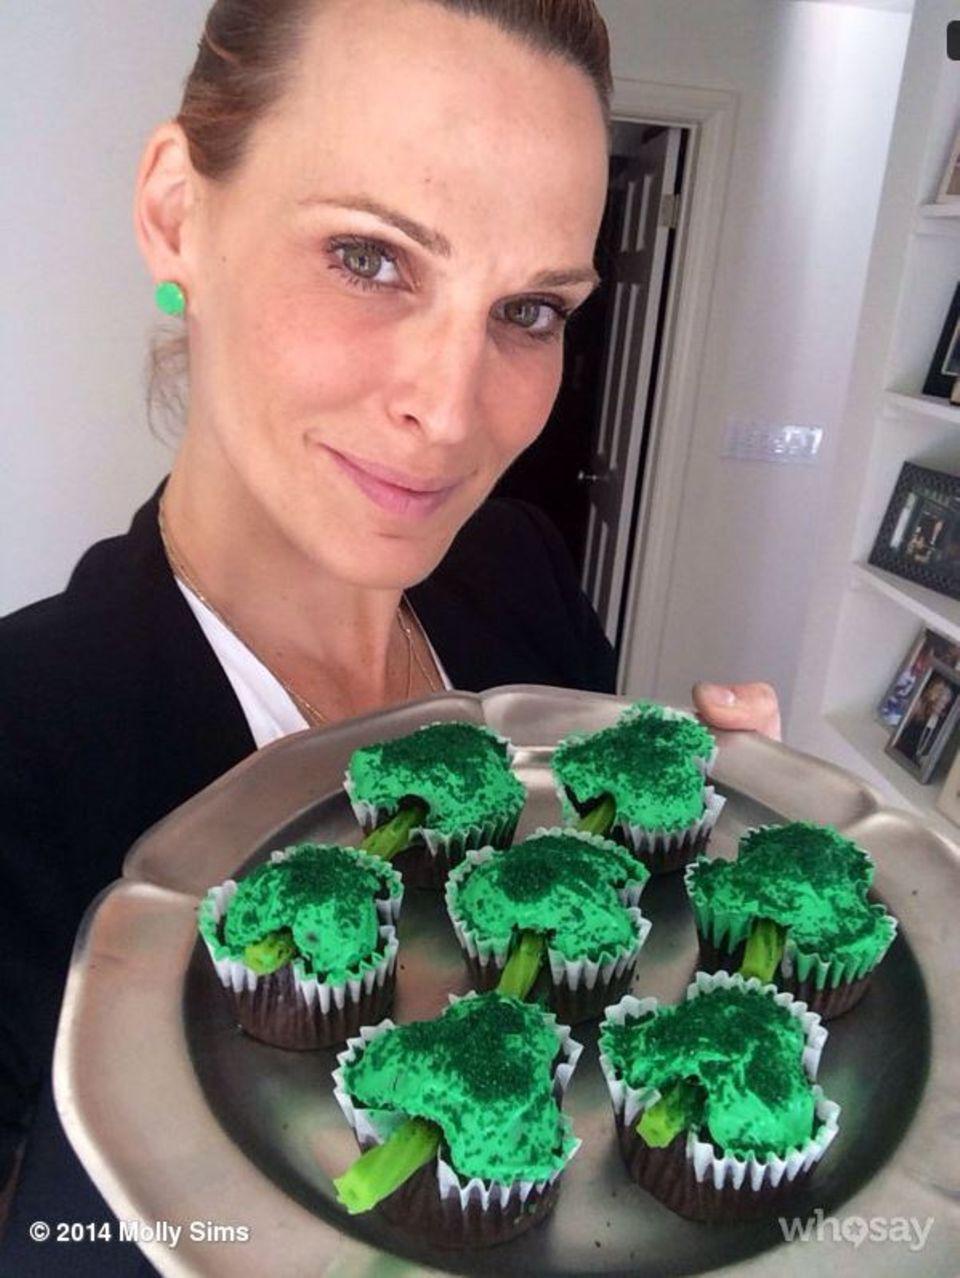 Molly Sims posiert mit grünen Ohrringen und Cupcakes in Kleeblatt-Form für ein Foto.